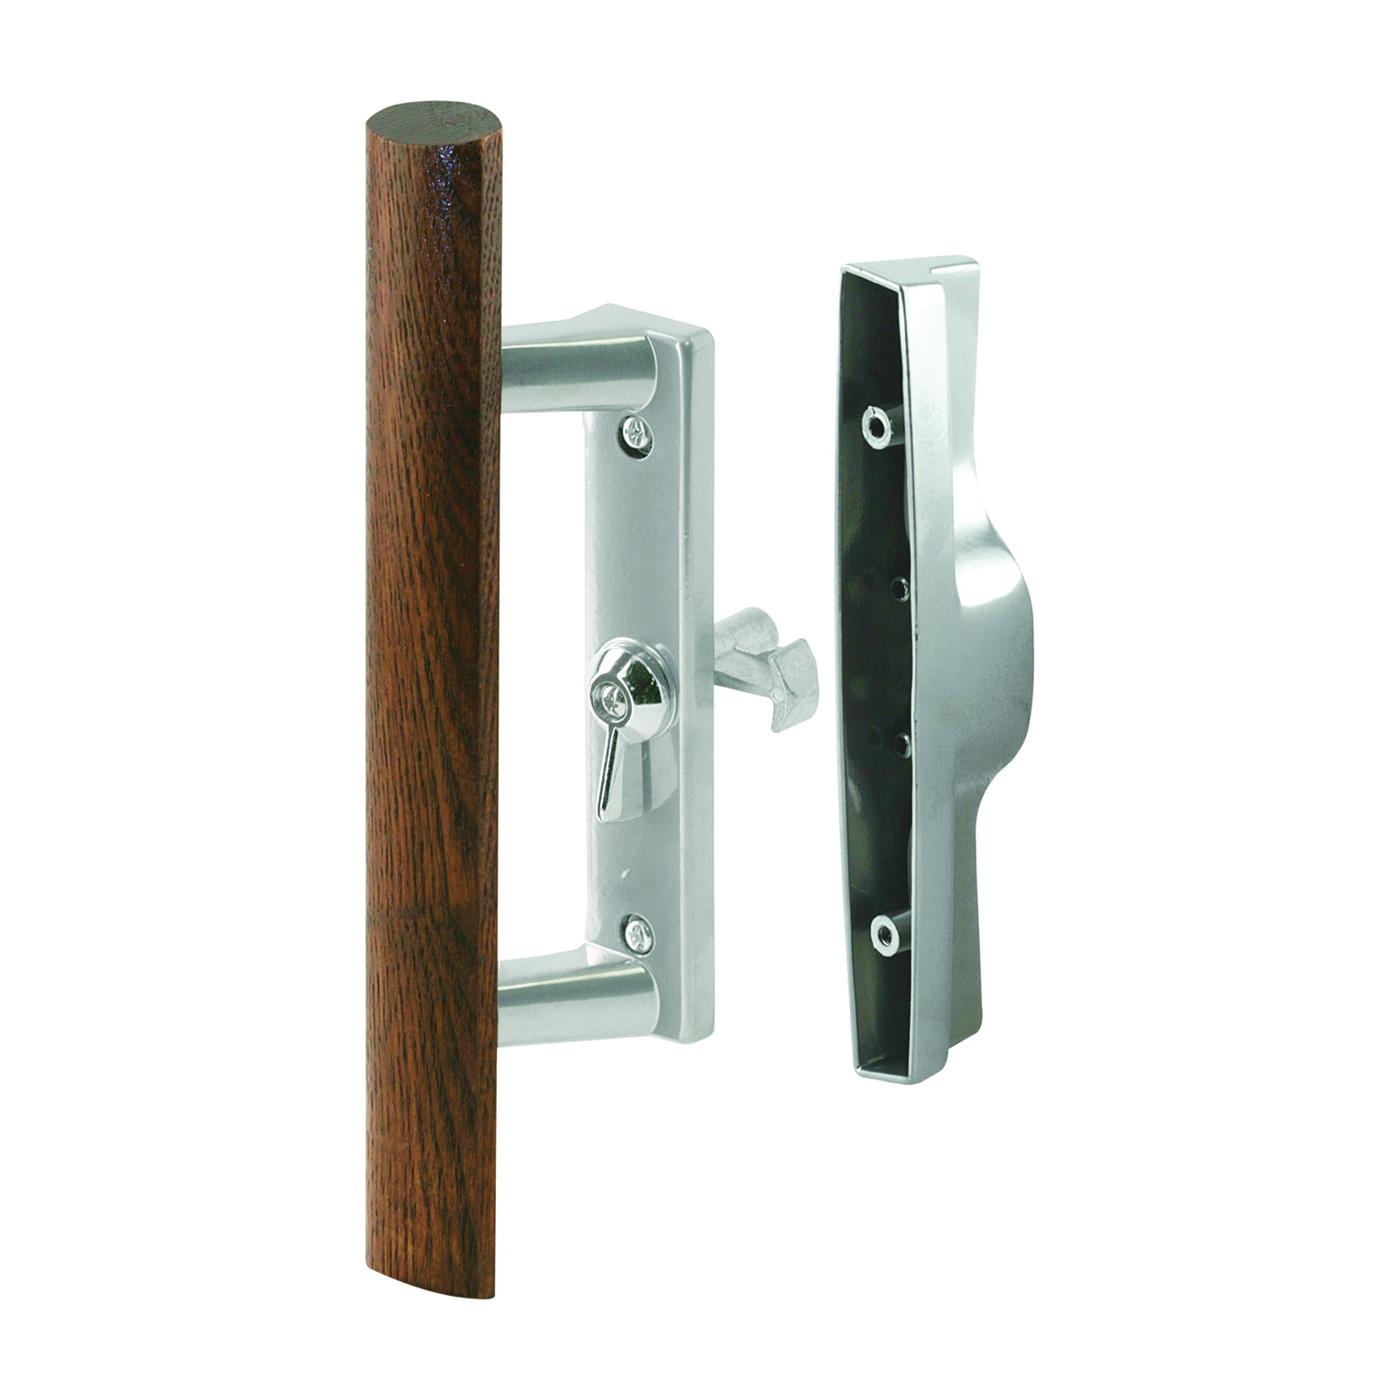 Picture of Prime-Line C 1018 Handle Set, Aluminum, Aluminum, 1 in Thick Door